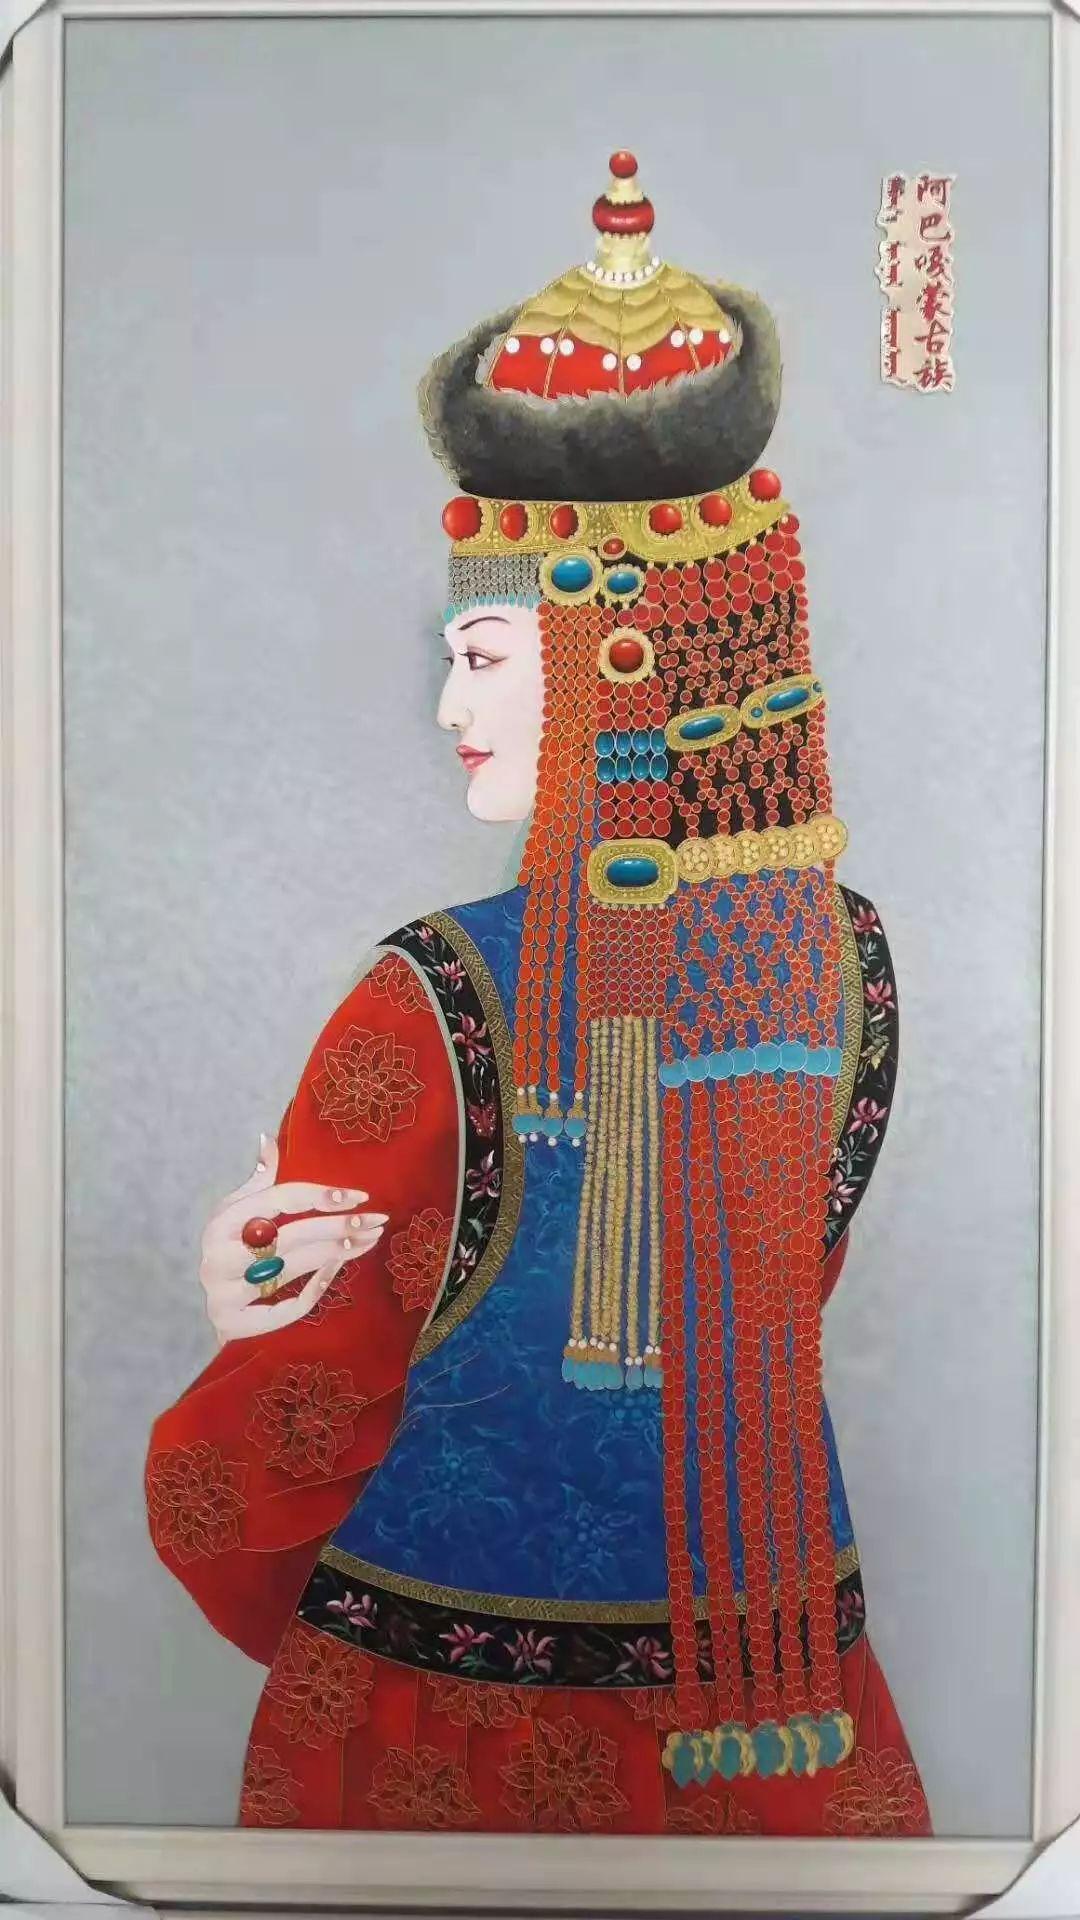 【阿启泰】蒙古族部落妇女系列(金丝彩岩手工艺作品)